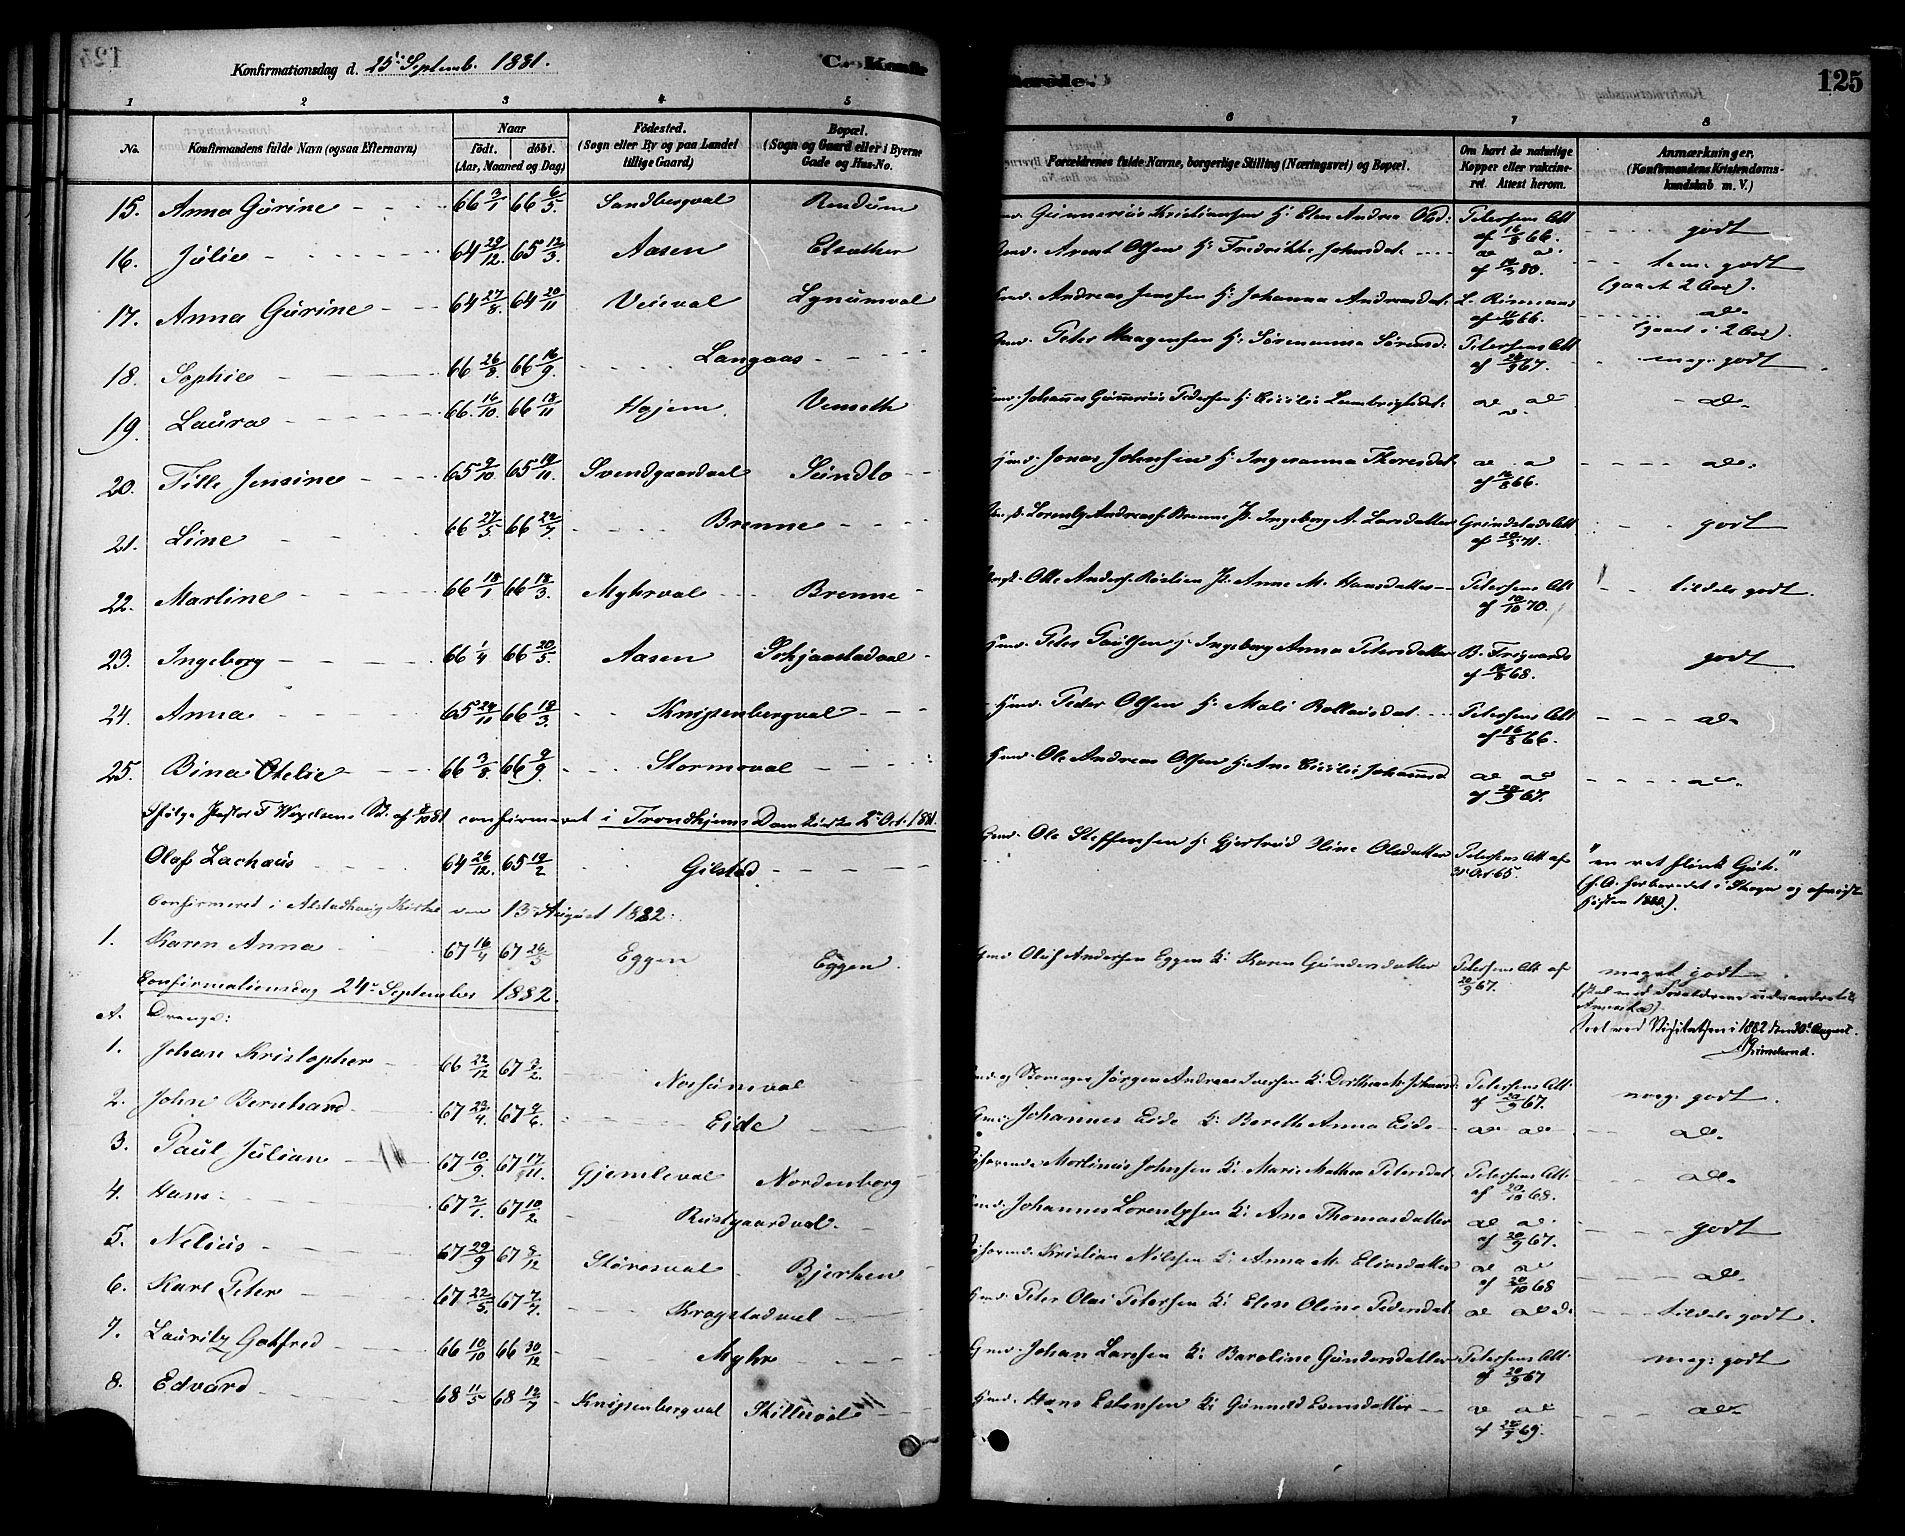 SAT, Ministerialprotokoller, klokkerbøker og fødselsregistre - Nord-Trøndelag, 717/L0159: Ministerialbok nr. 717A09, 1878-1898, s. 125